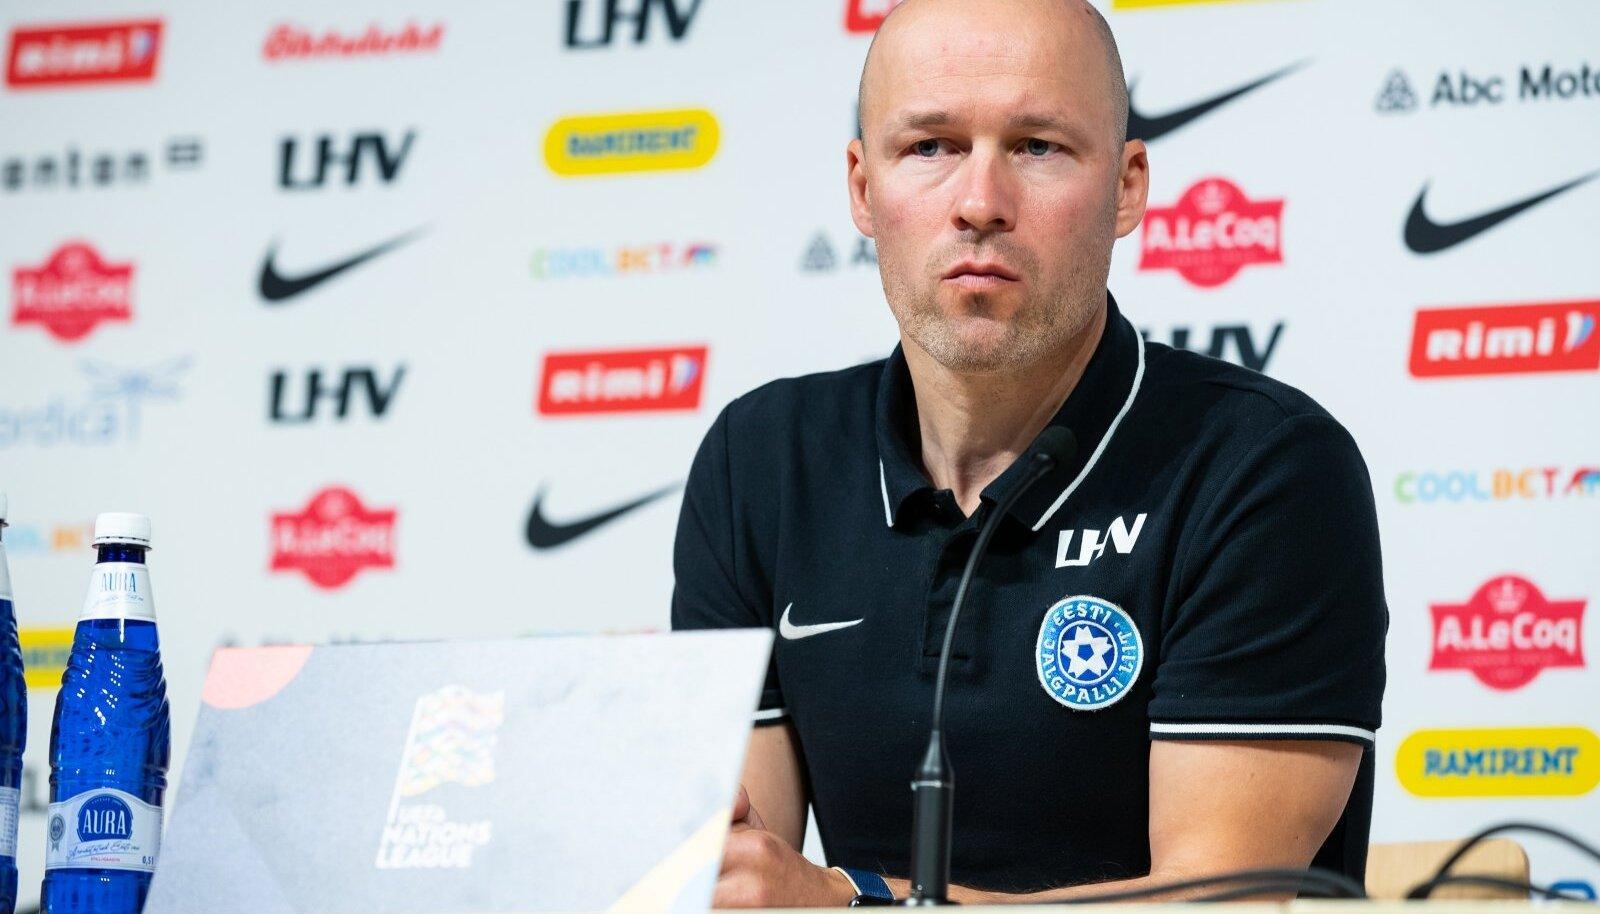 Eesti jalgpallikoondise pressikonverents ja treening 04.09.2020